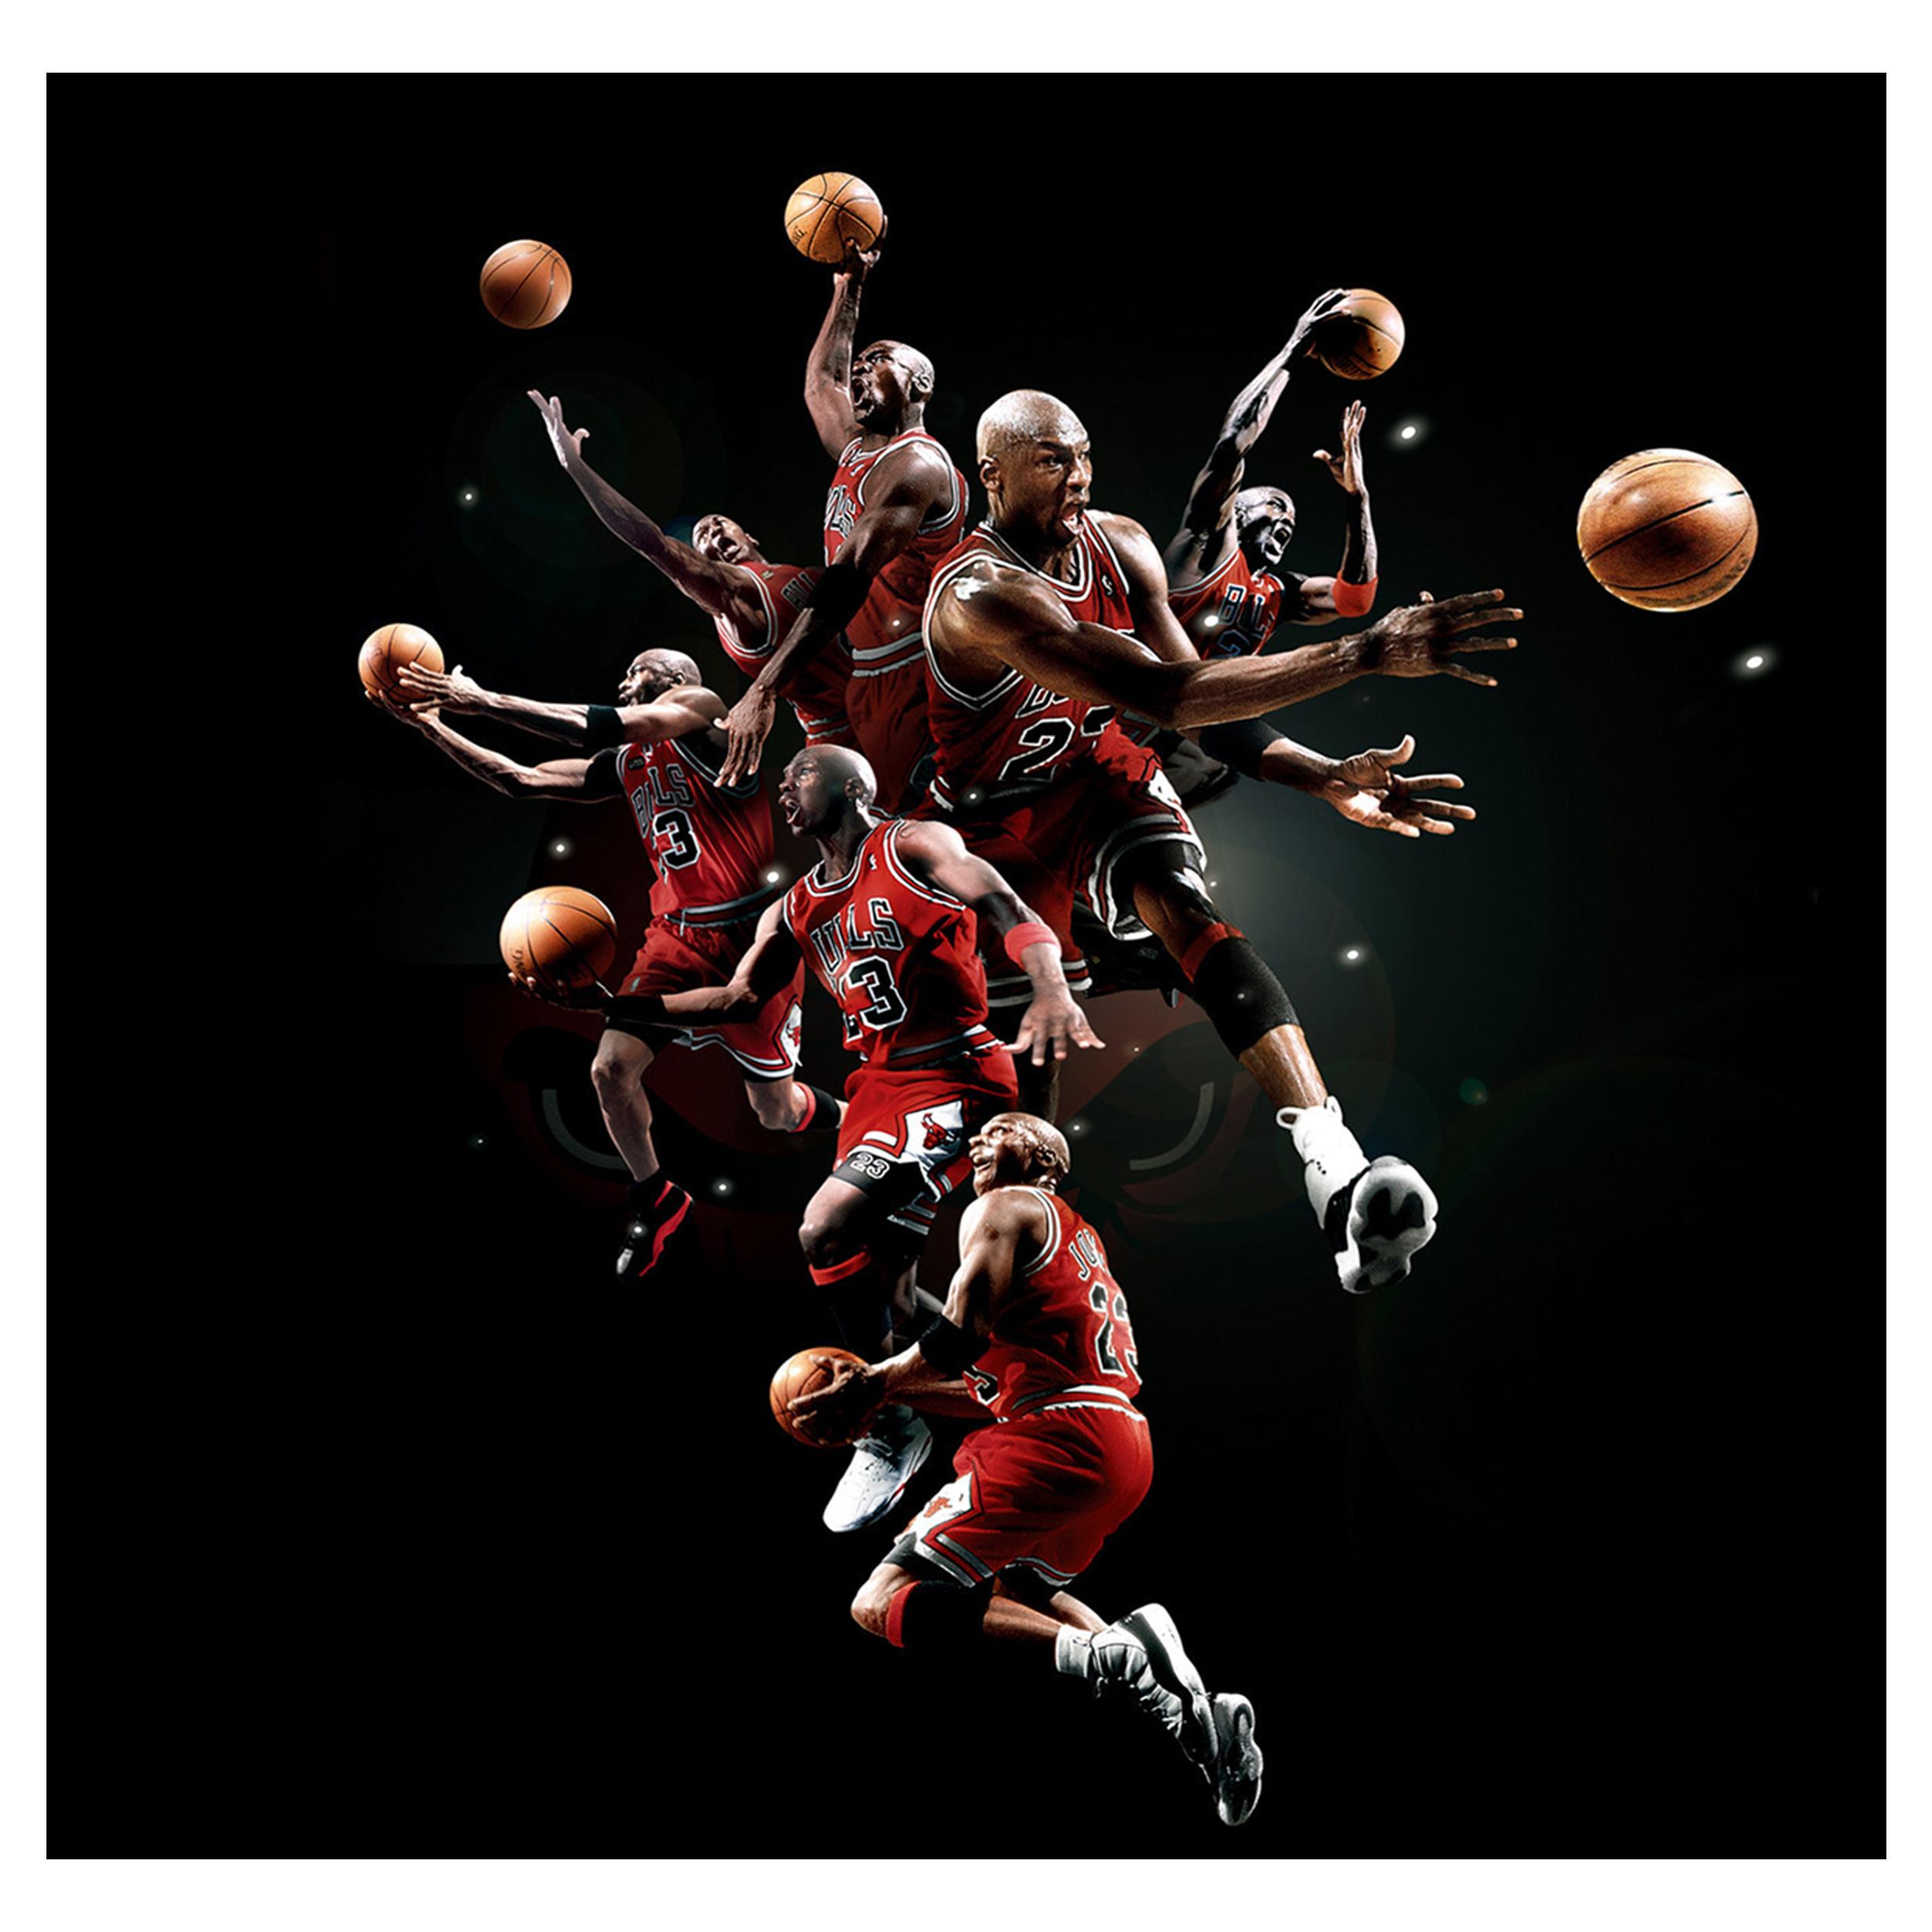 استیکر    کلید و پریز    طرح    بسکتبال     کد   654879